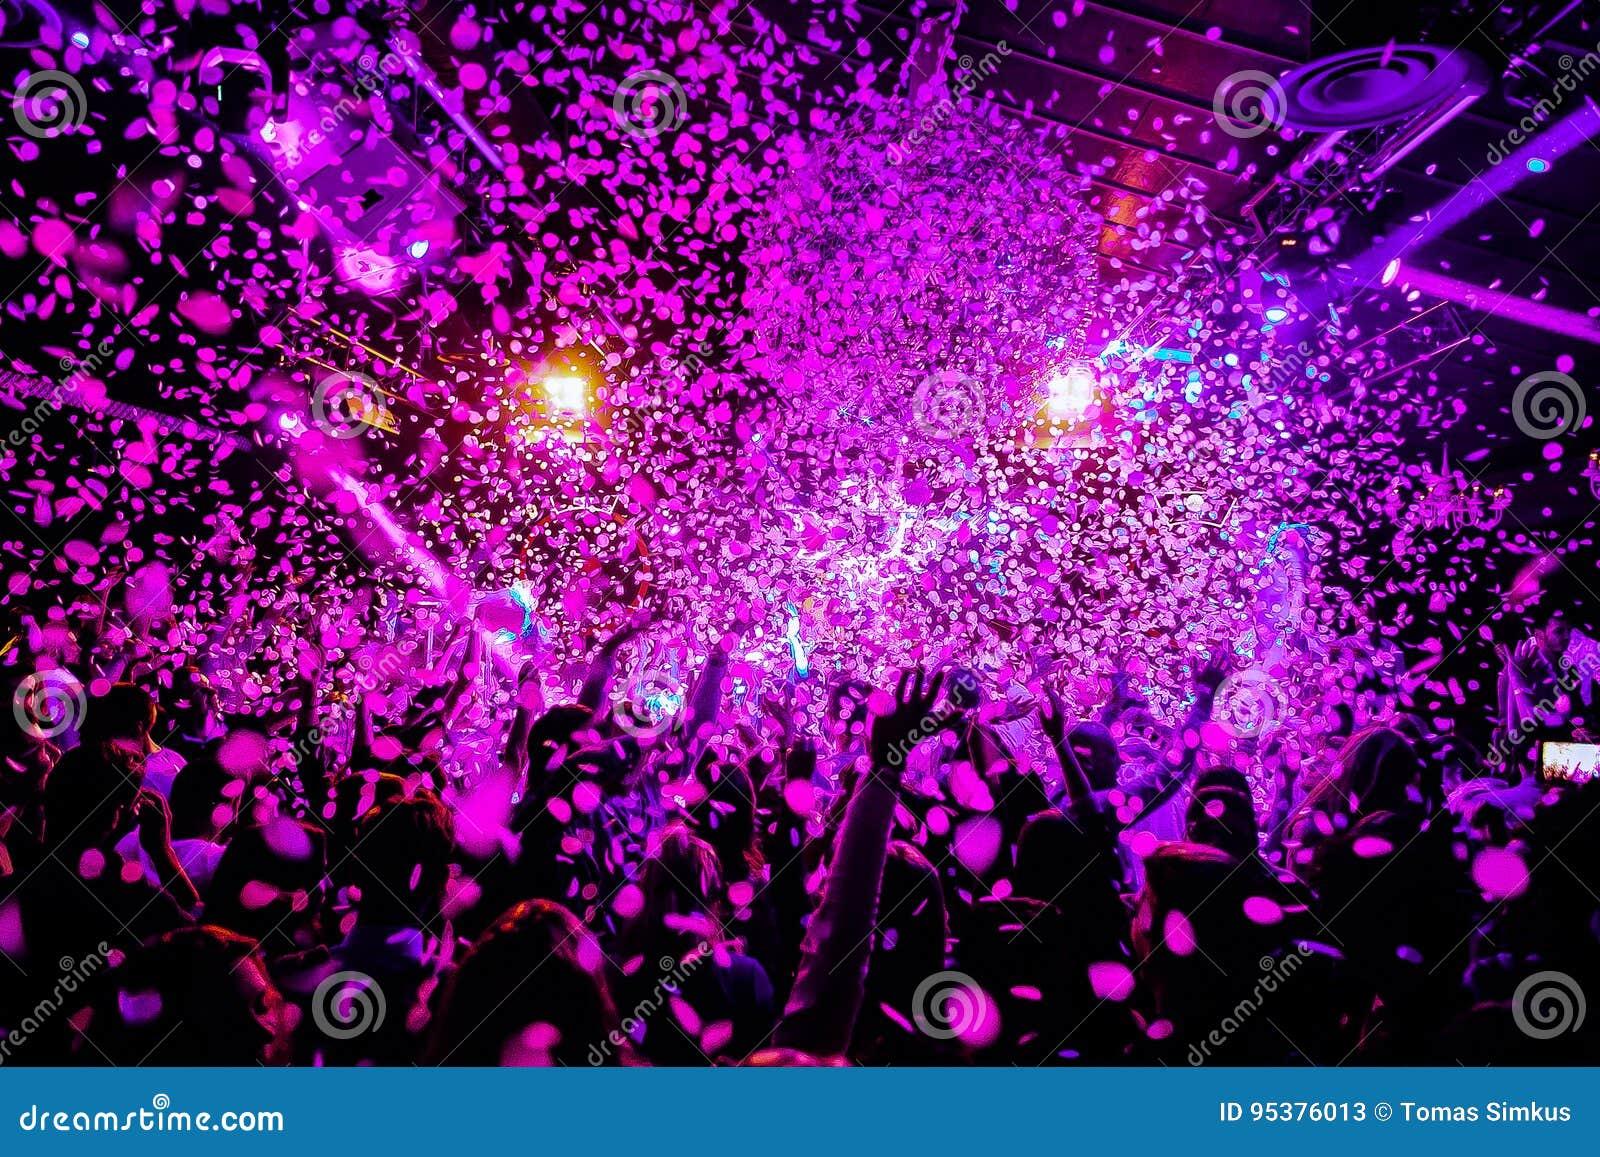 Nachtclub-Schattenbildmenge übergibt oben in Konfettidampfstadium